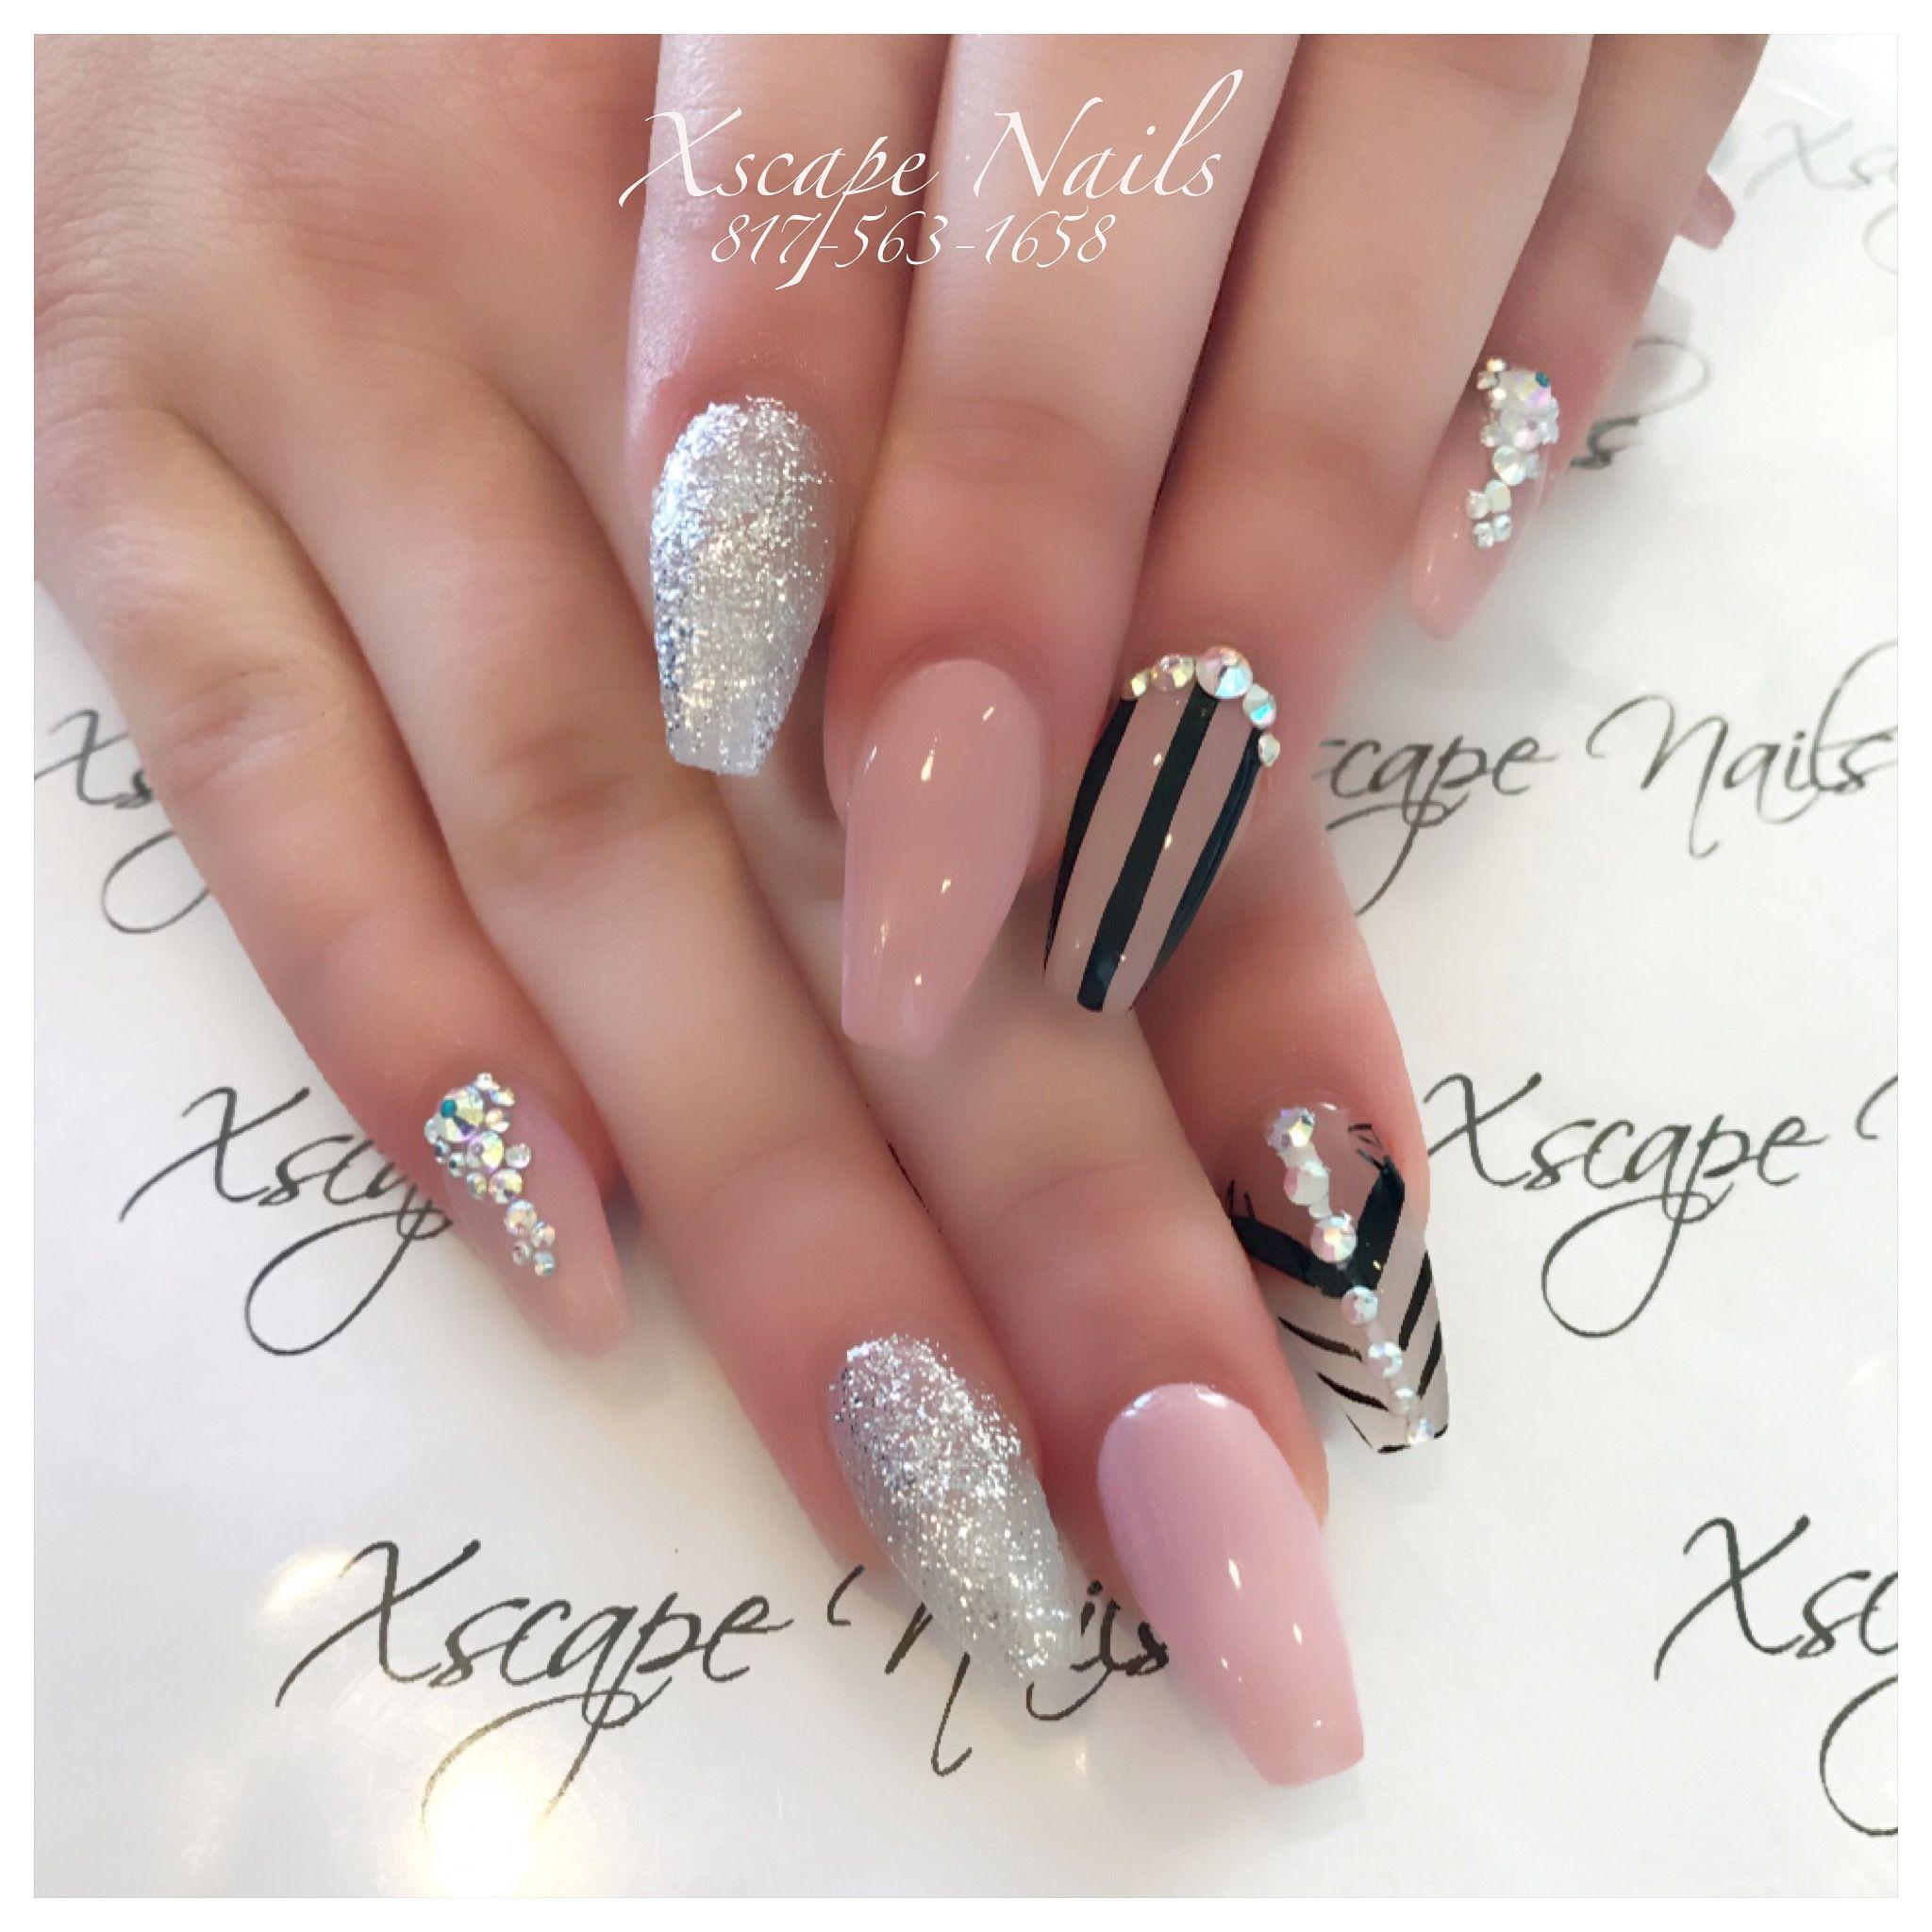 New Years Nails | Nail Ideas | Pinterest | Nail nail, Coffin nails ...